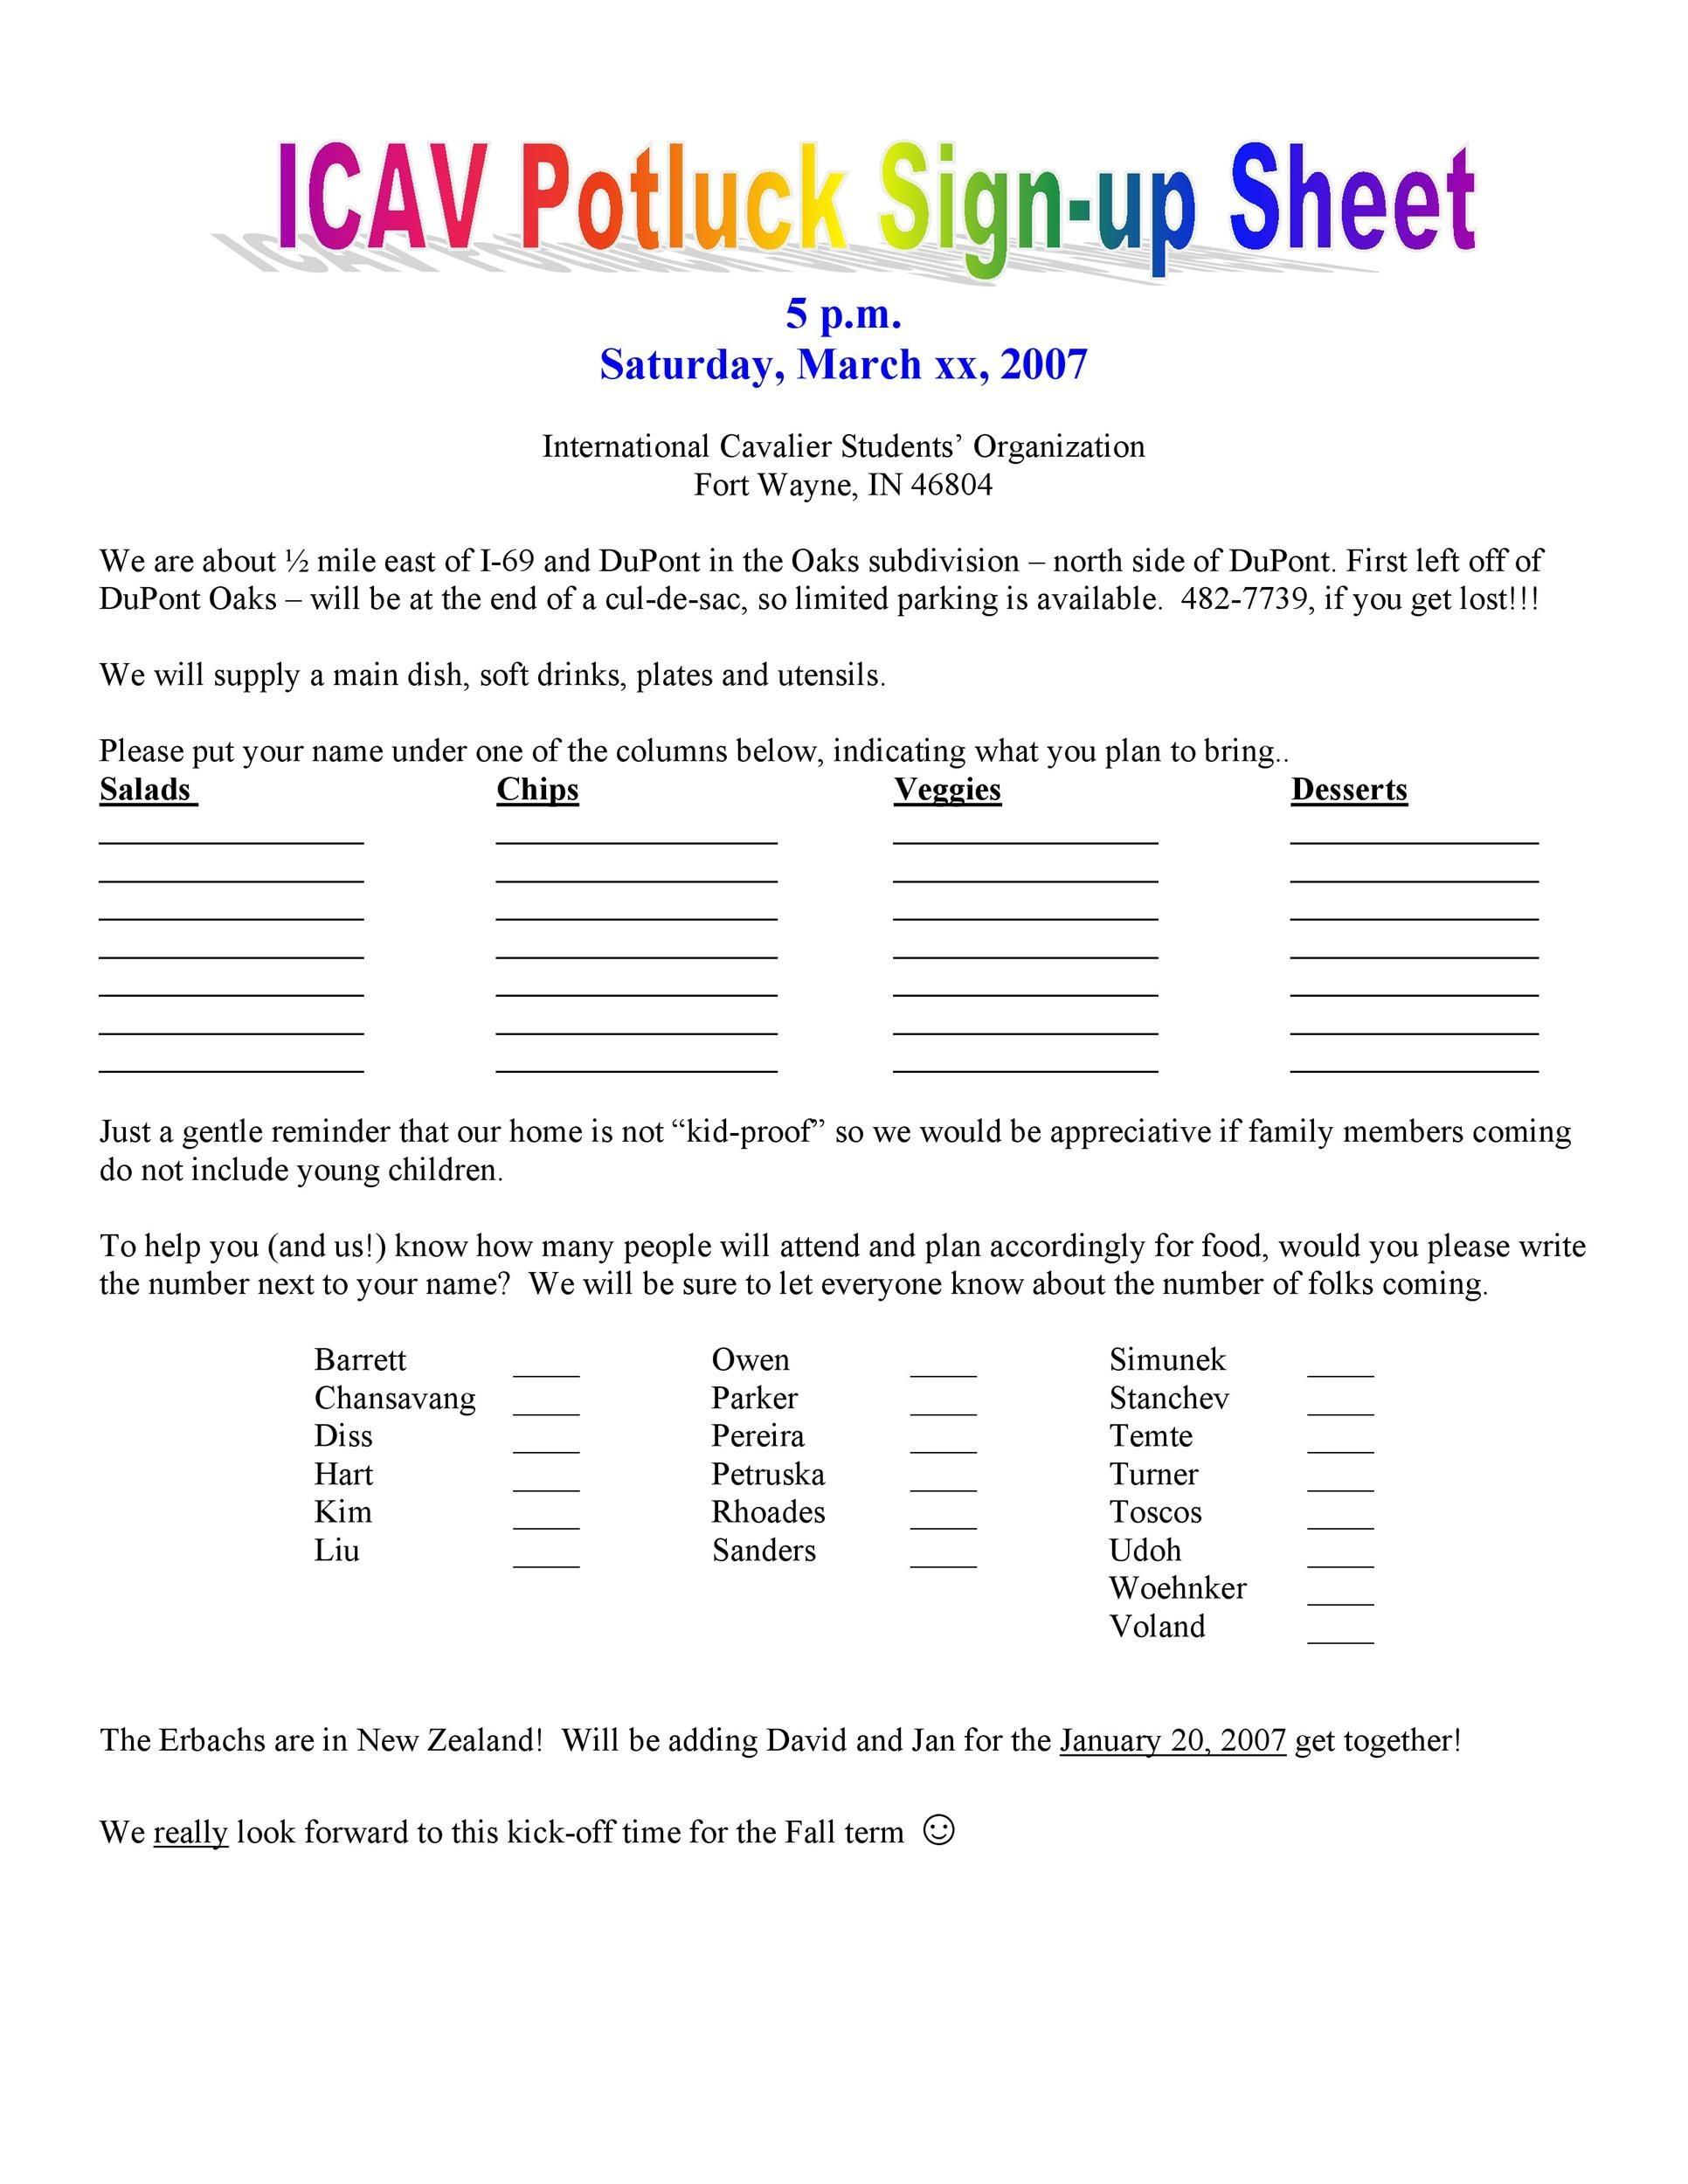 Free potluck sign up sheet 07